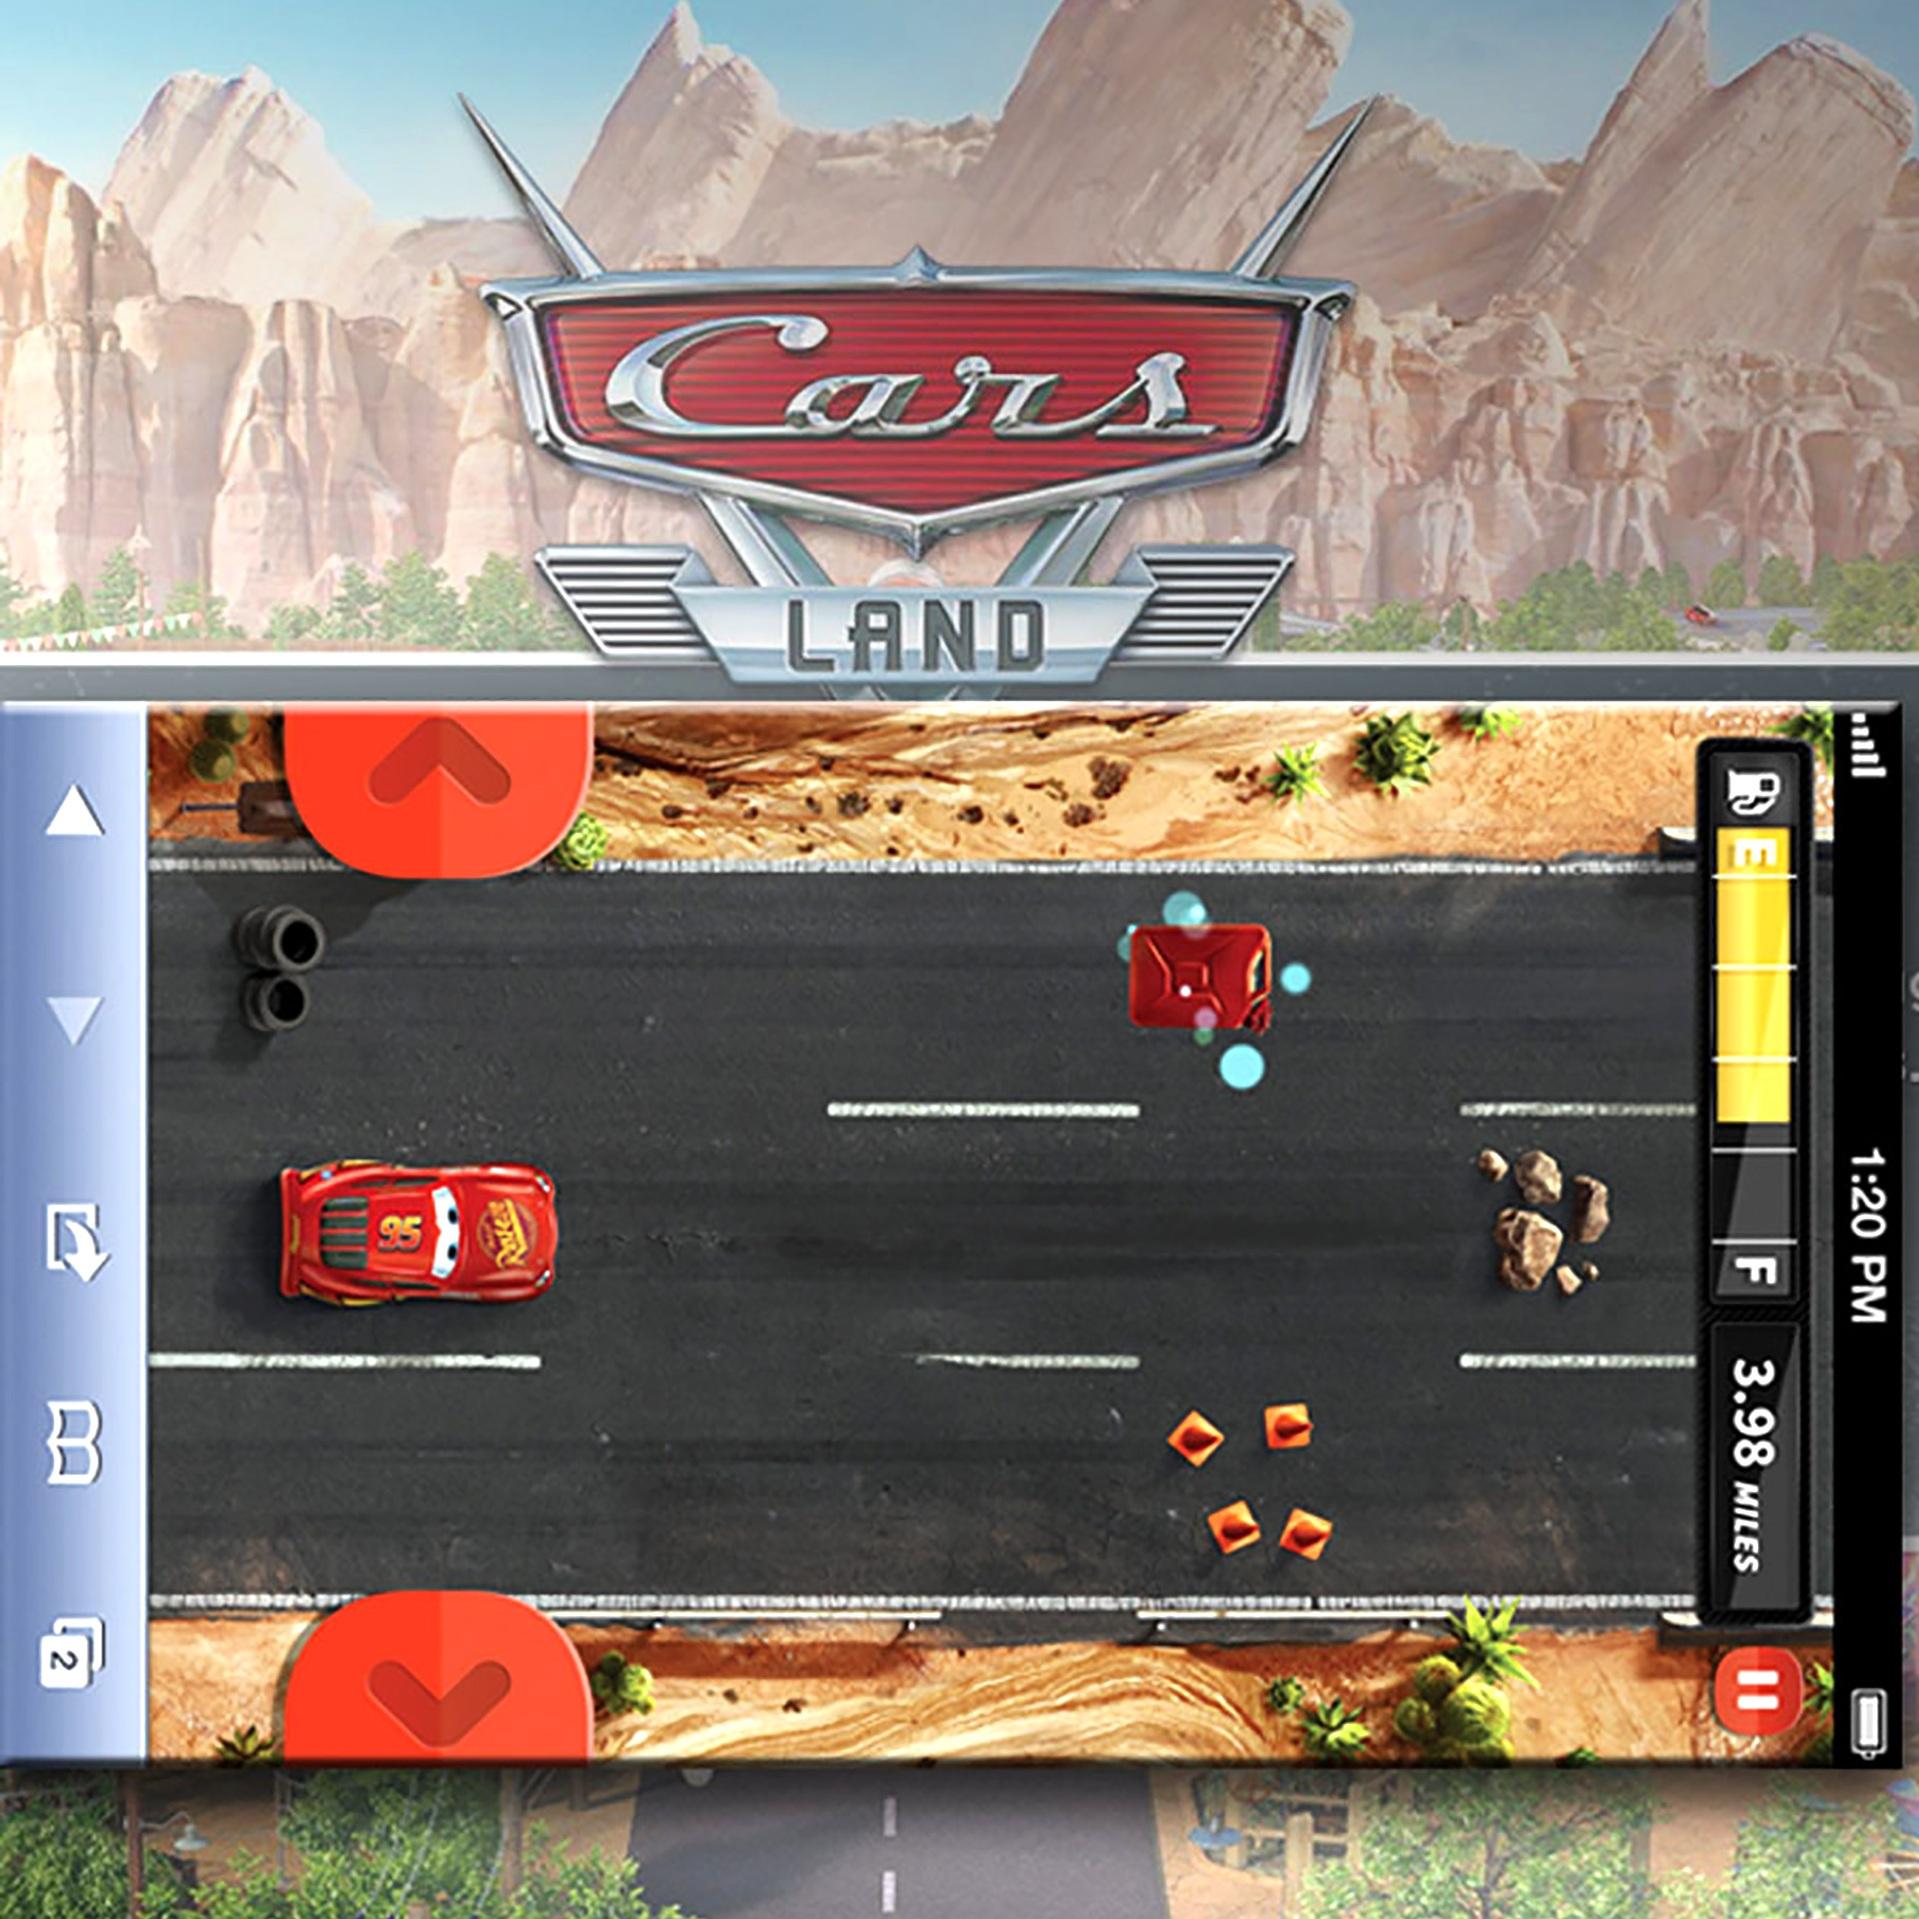 CREDIT-Disney-CarsLandMobile.jpg